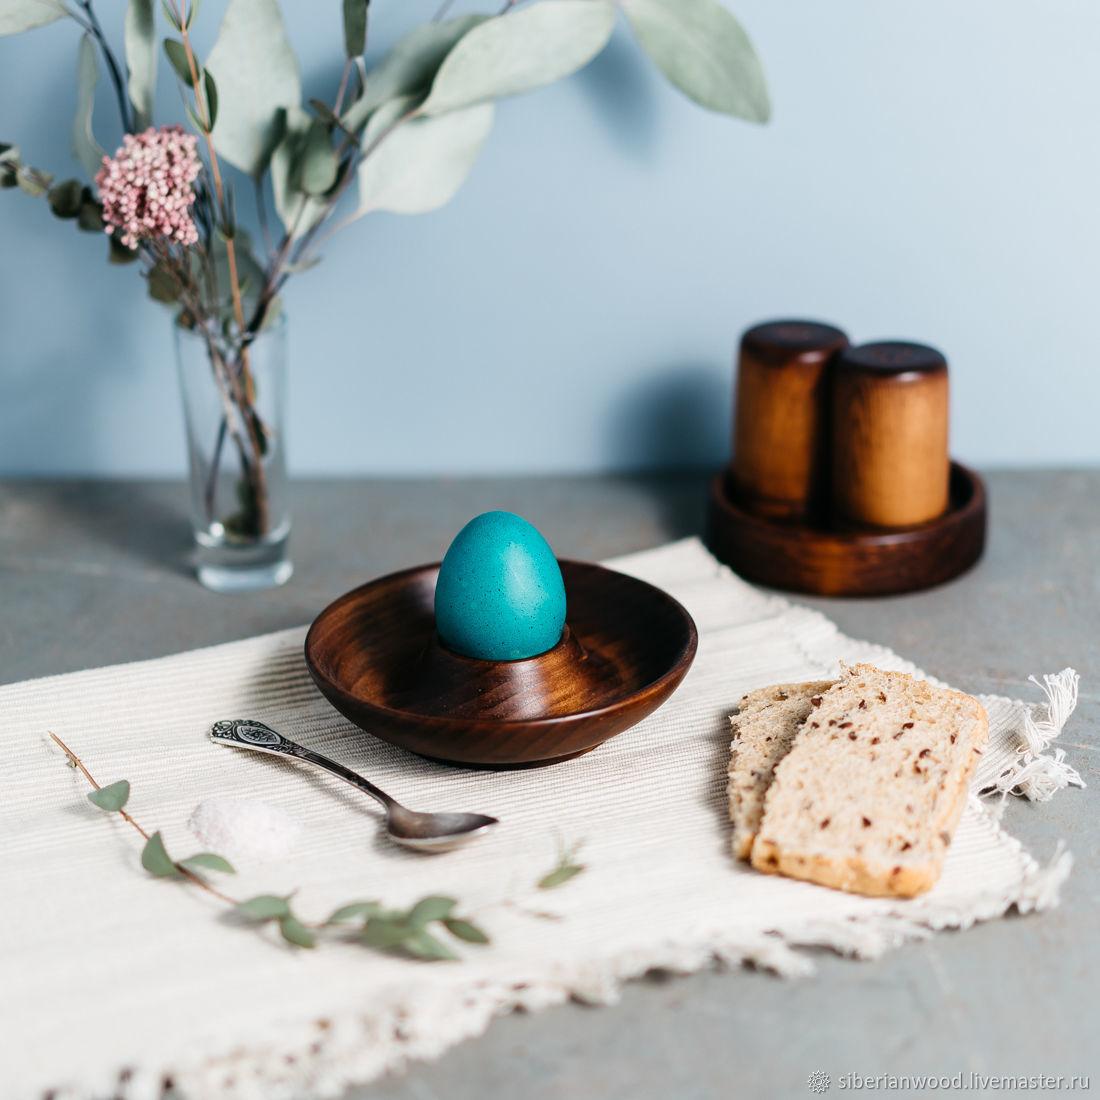 Деревянная подставка - блюдце для яйца с солонкой Сибирский Кедр #ES16, Яйца, Новокузнецк,  Фото №1